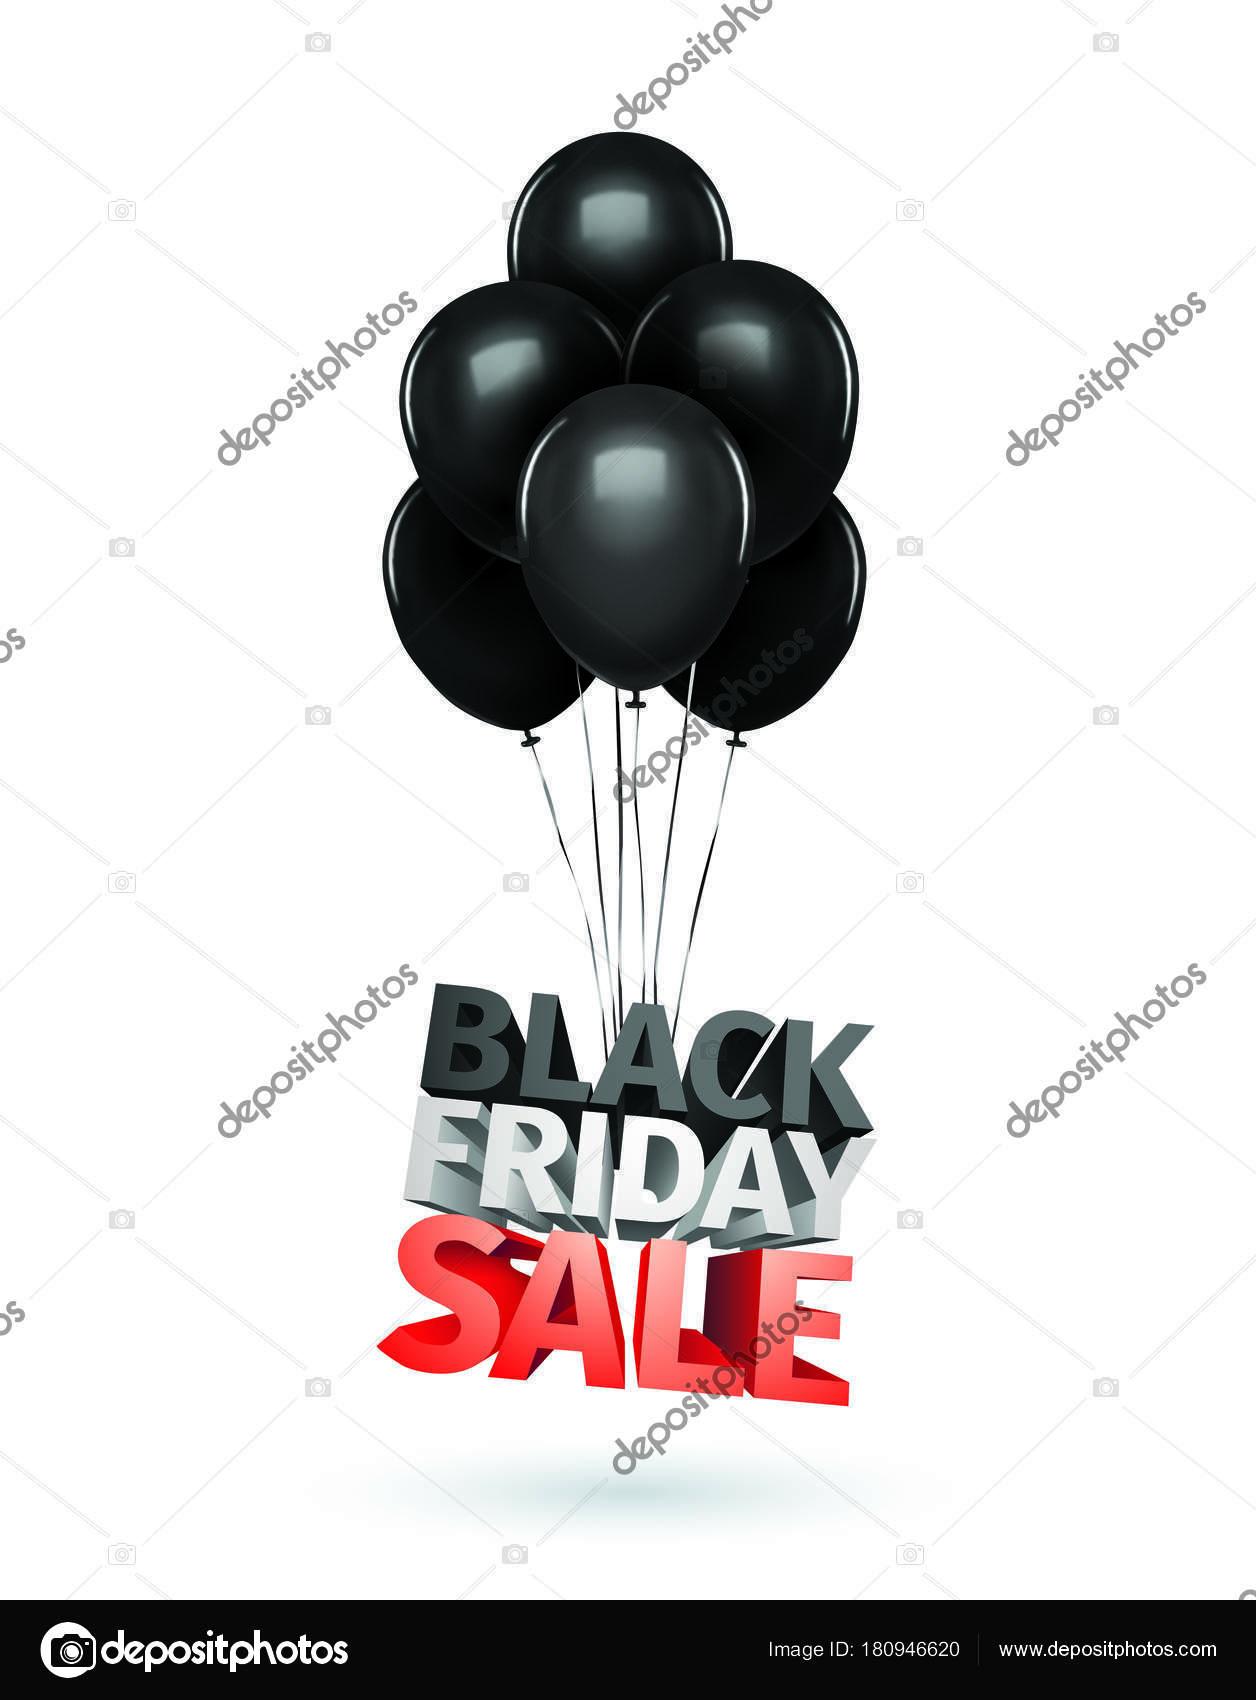 b8b8629c95a6 Группа воздушных шаров, продажи сообщение для магазина. Воздушные шары  продажа Черная пятница украшения белые